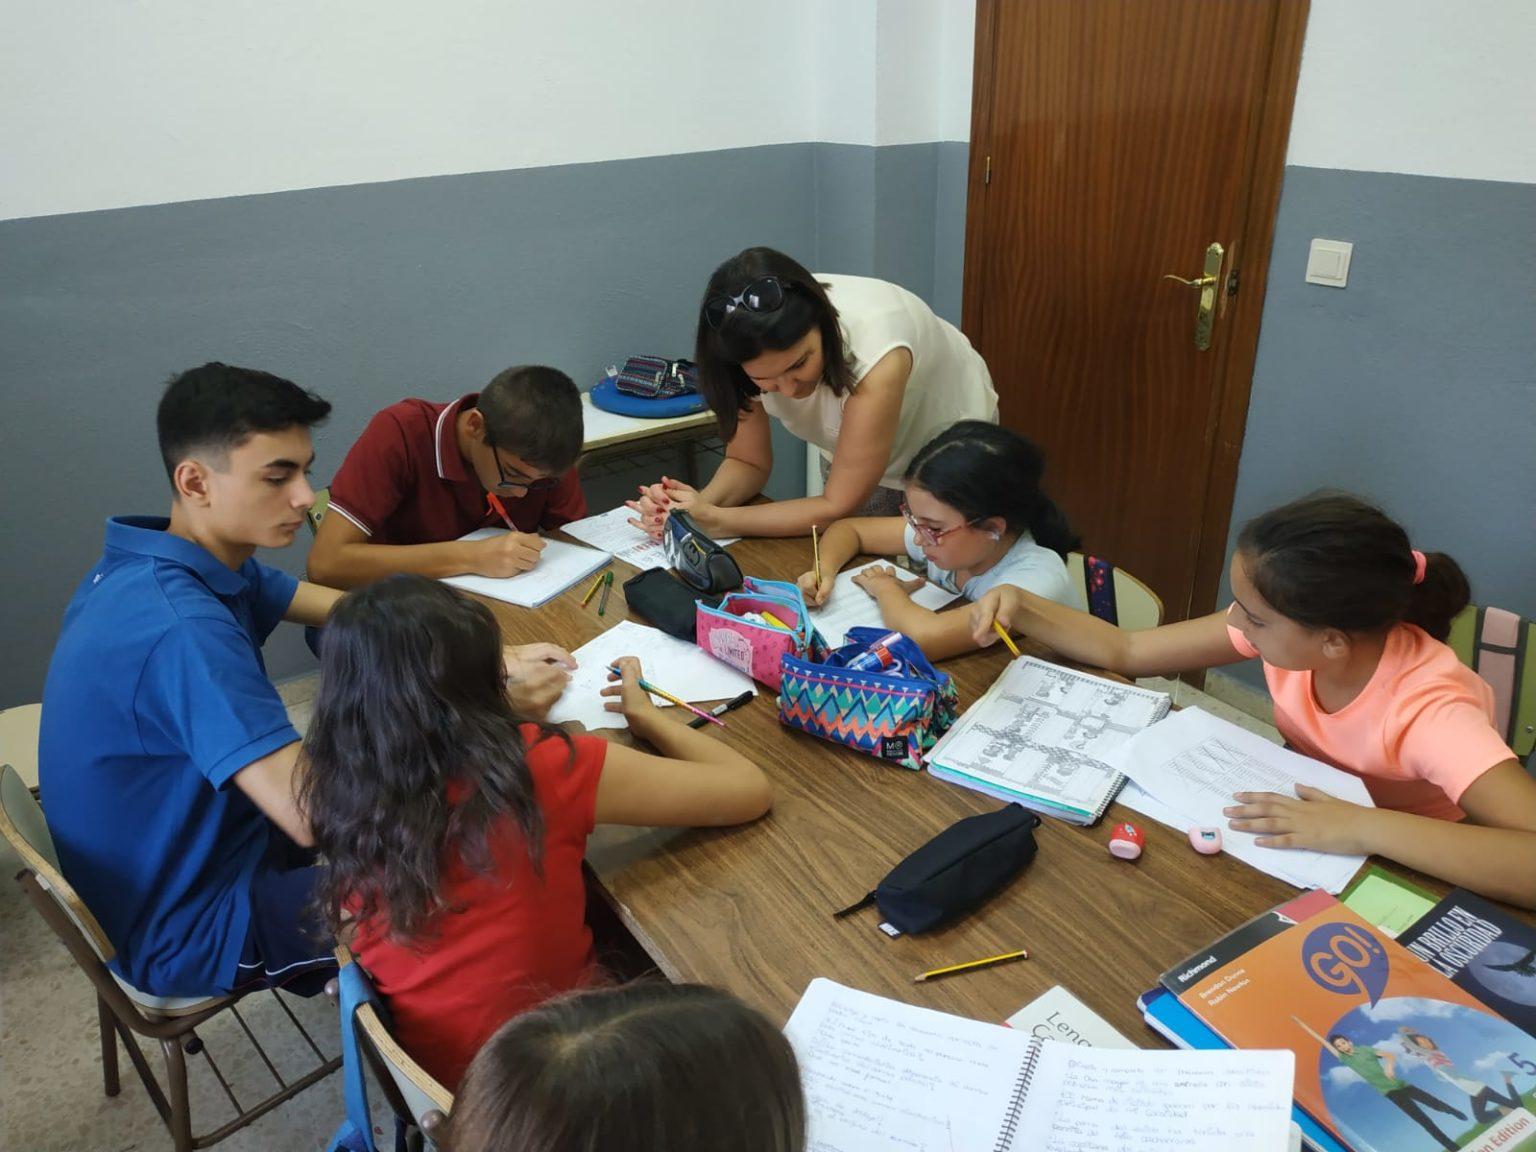 Image-accueil-Mission-Commune-banque-de-projets-des-Petites-Soeurs-Assomption-enfants-en-train-de-travailler-a-l-ecole les bras